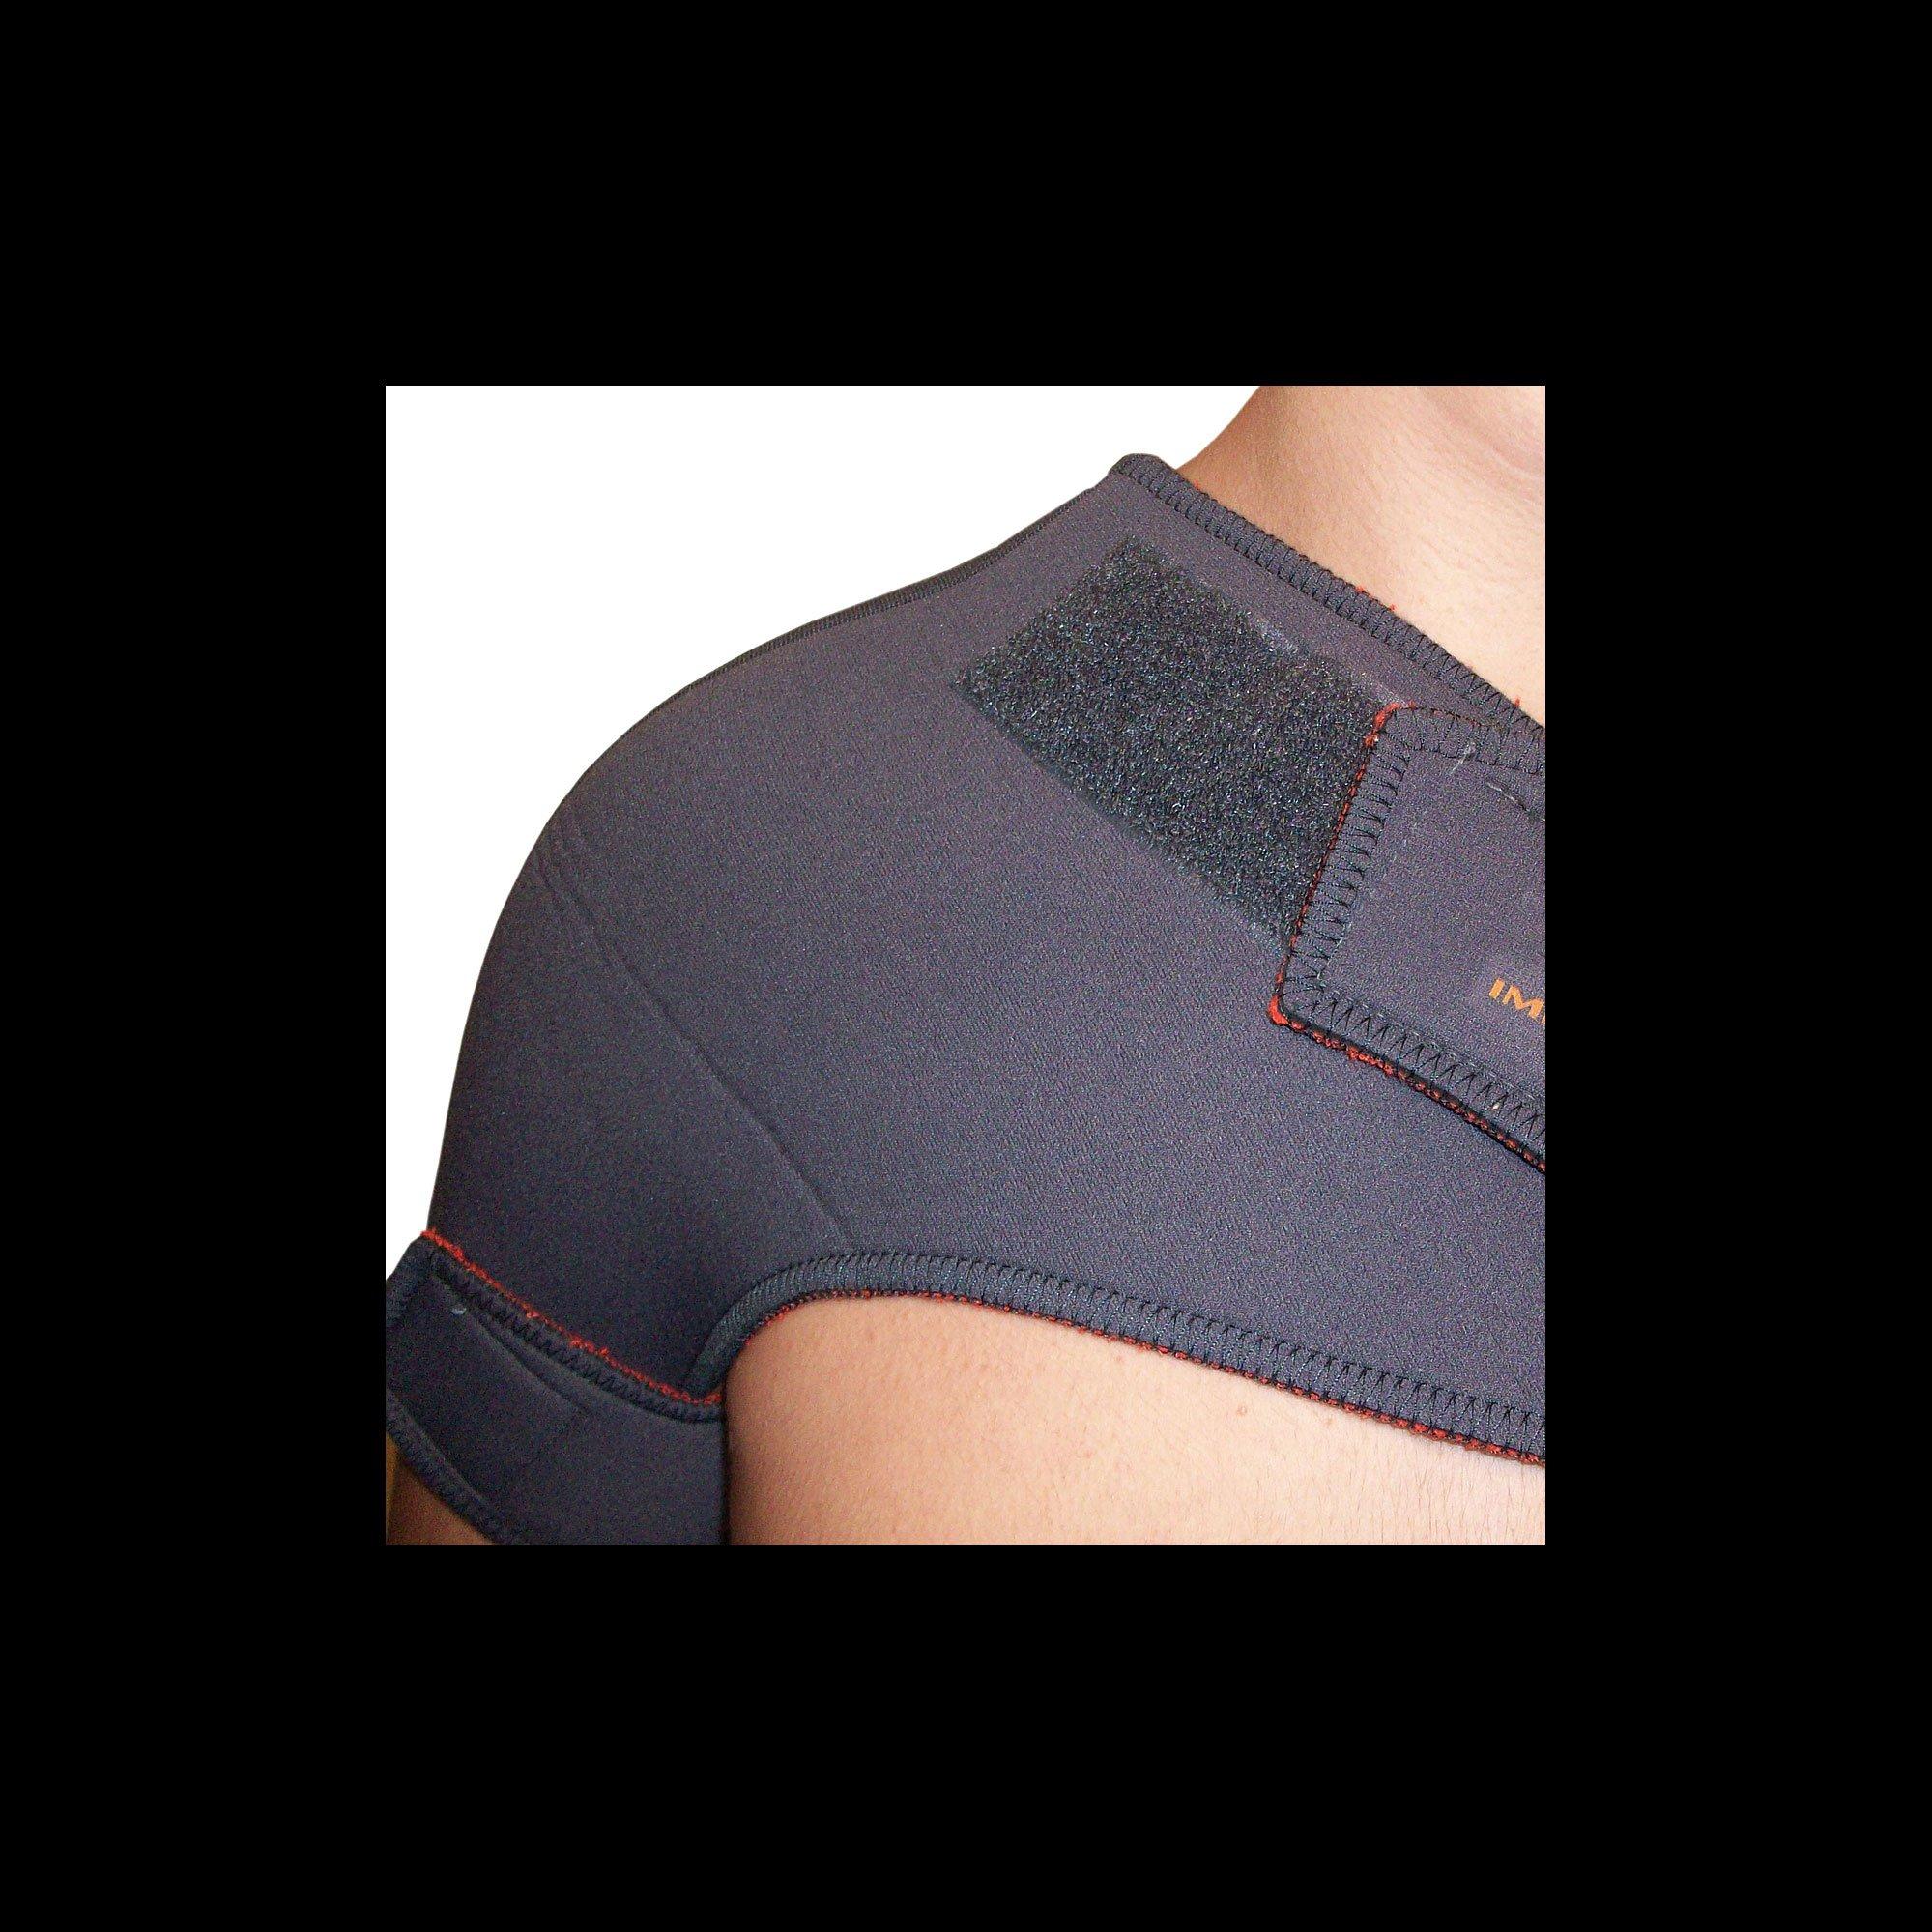 Shoulder Support - L/XL - 40.5''-47.25''